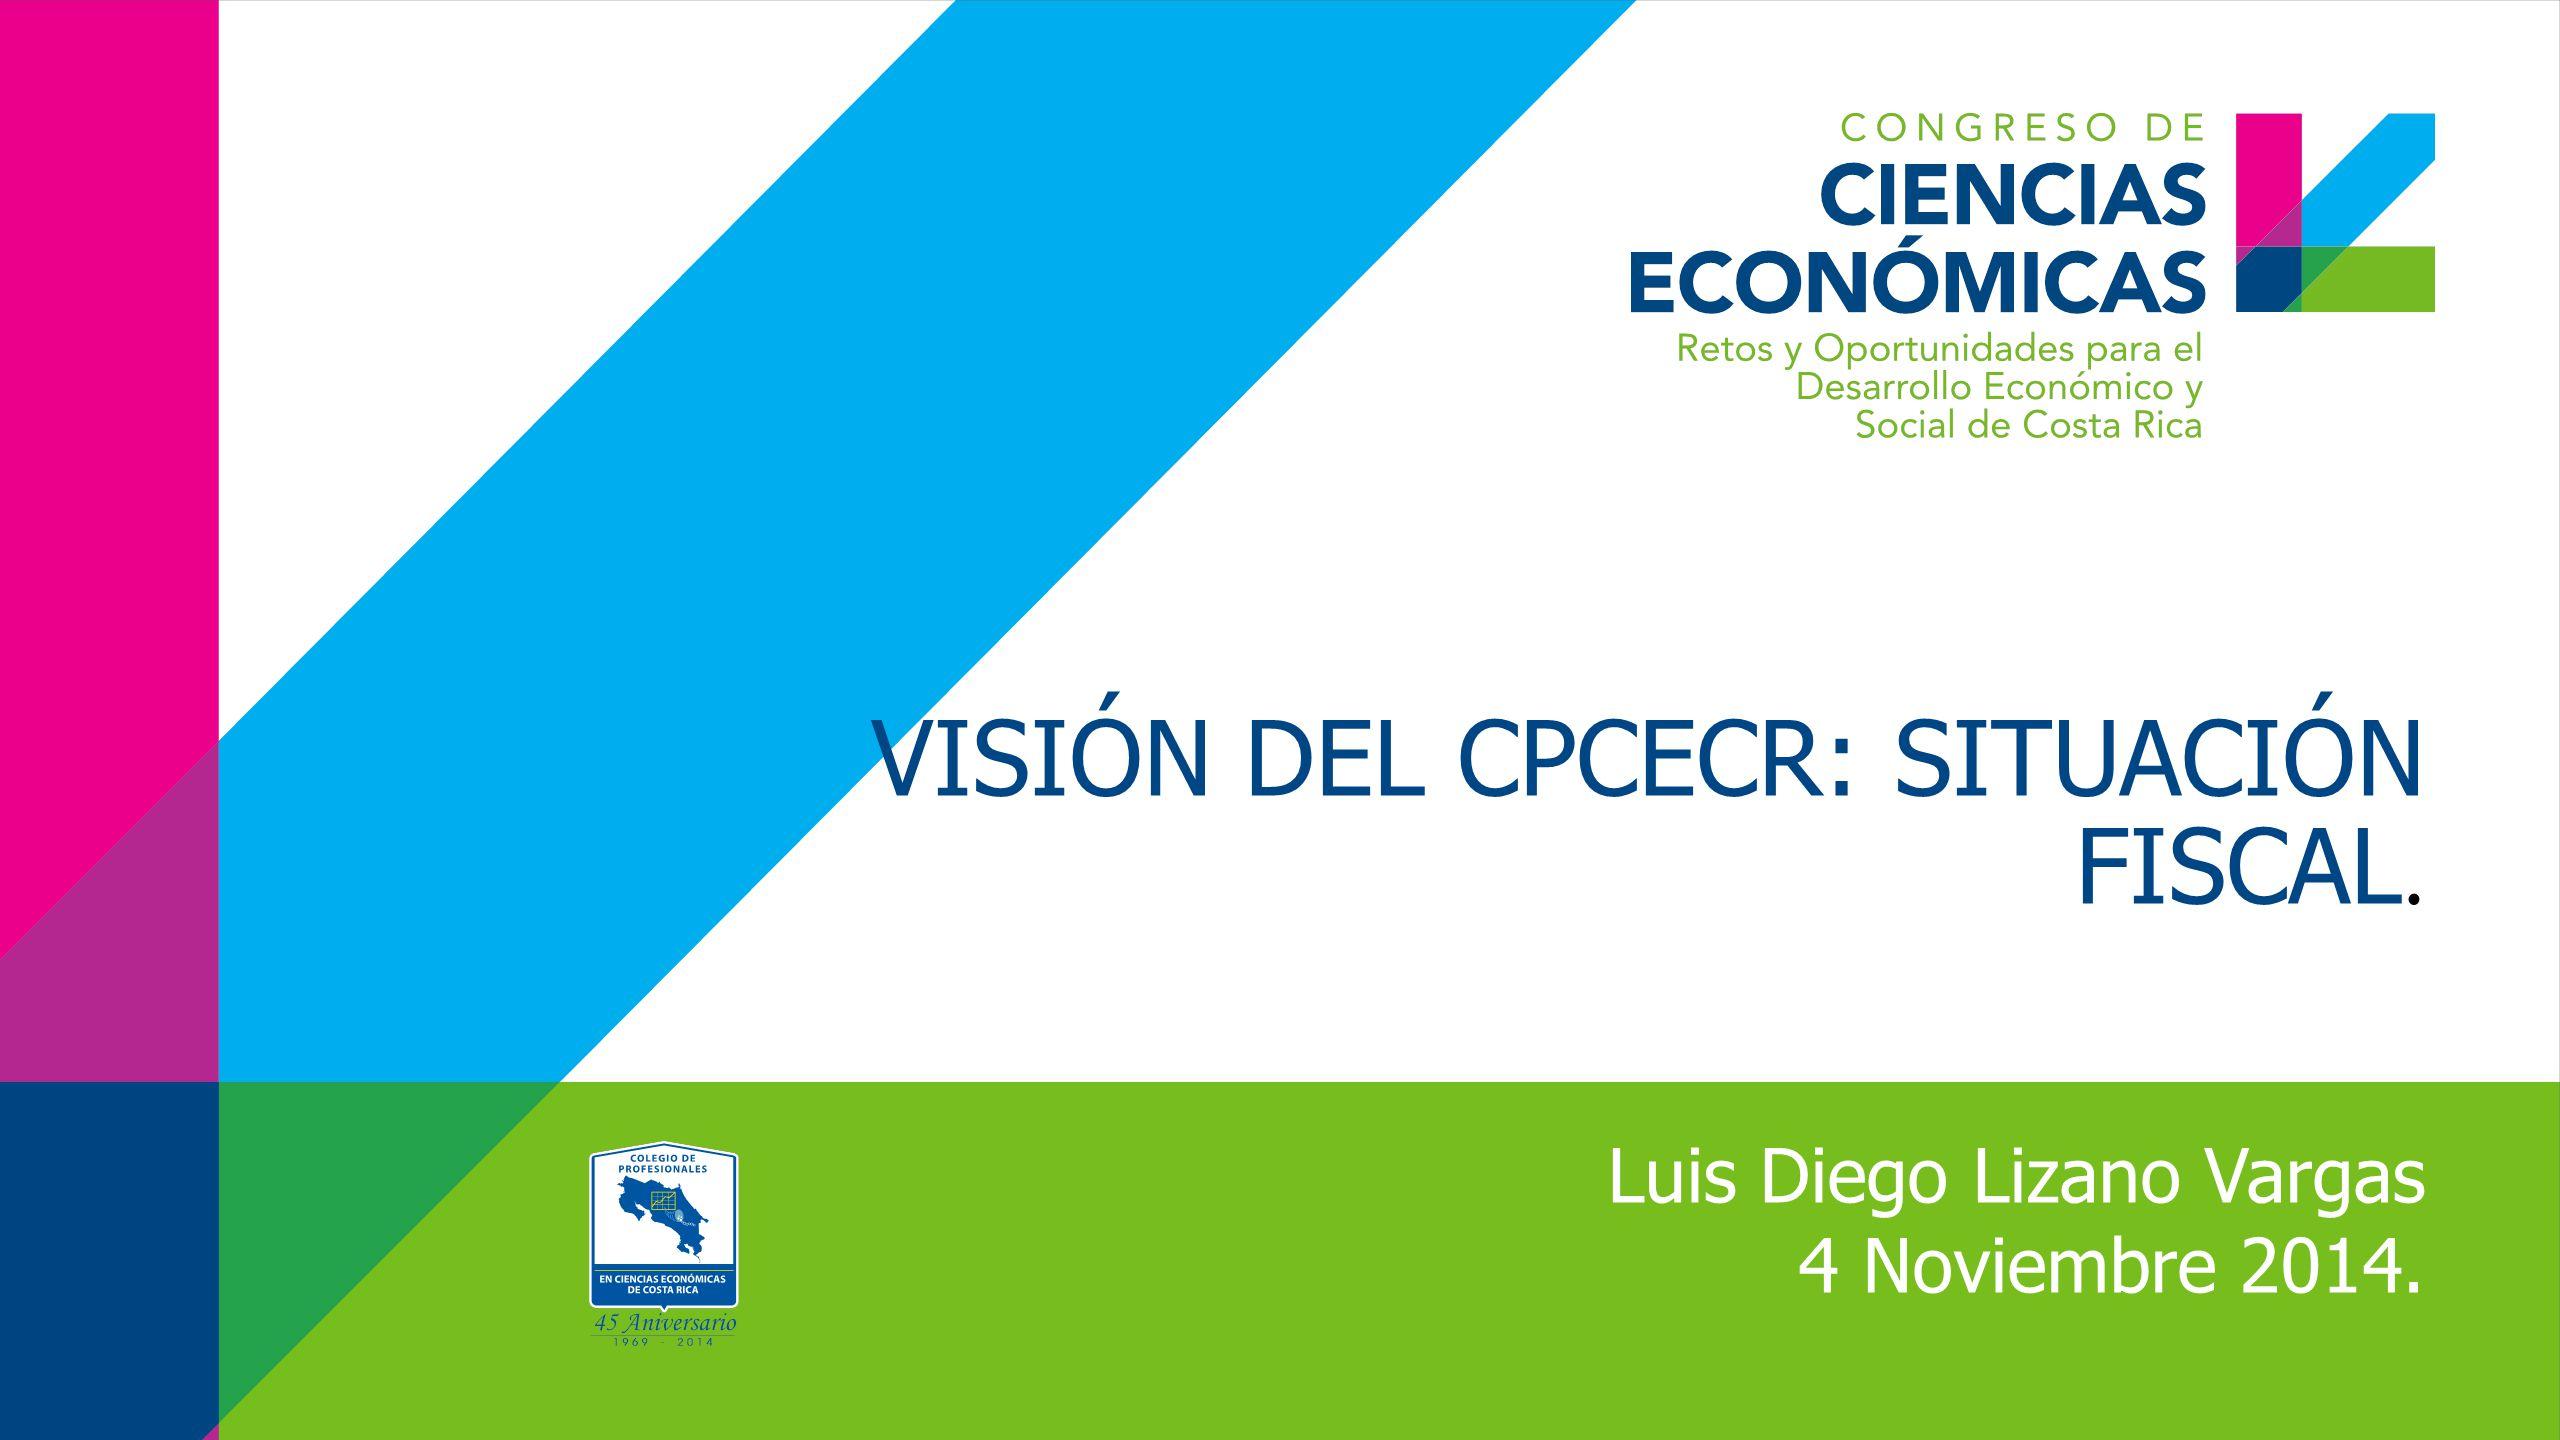 VISIÓN DEL CPCECR: SITUACIÓN FISCAL. Luis Diego Lizano Vargas 4 Noviembre 2014.